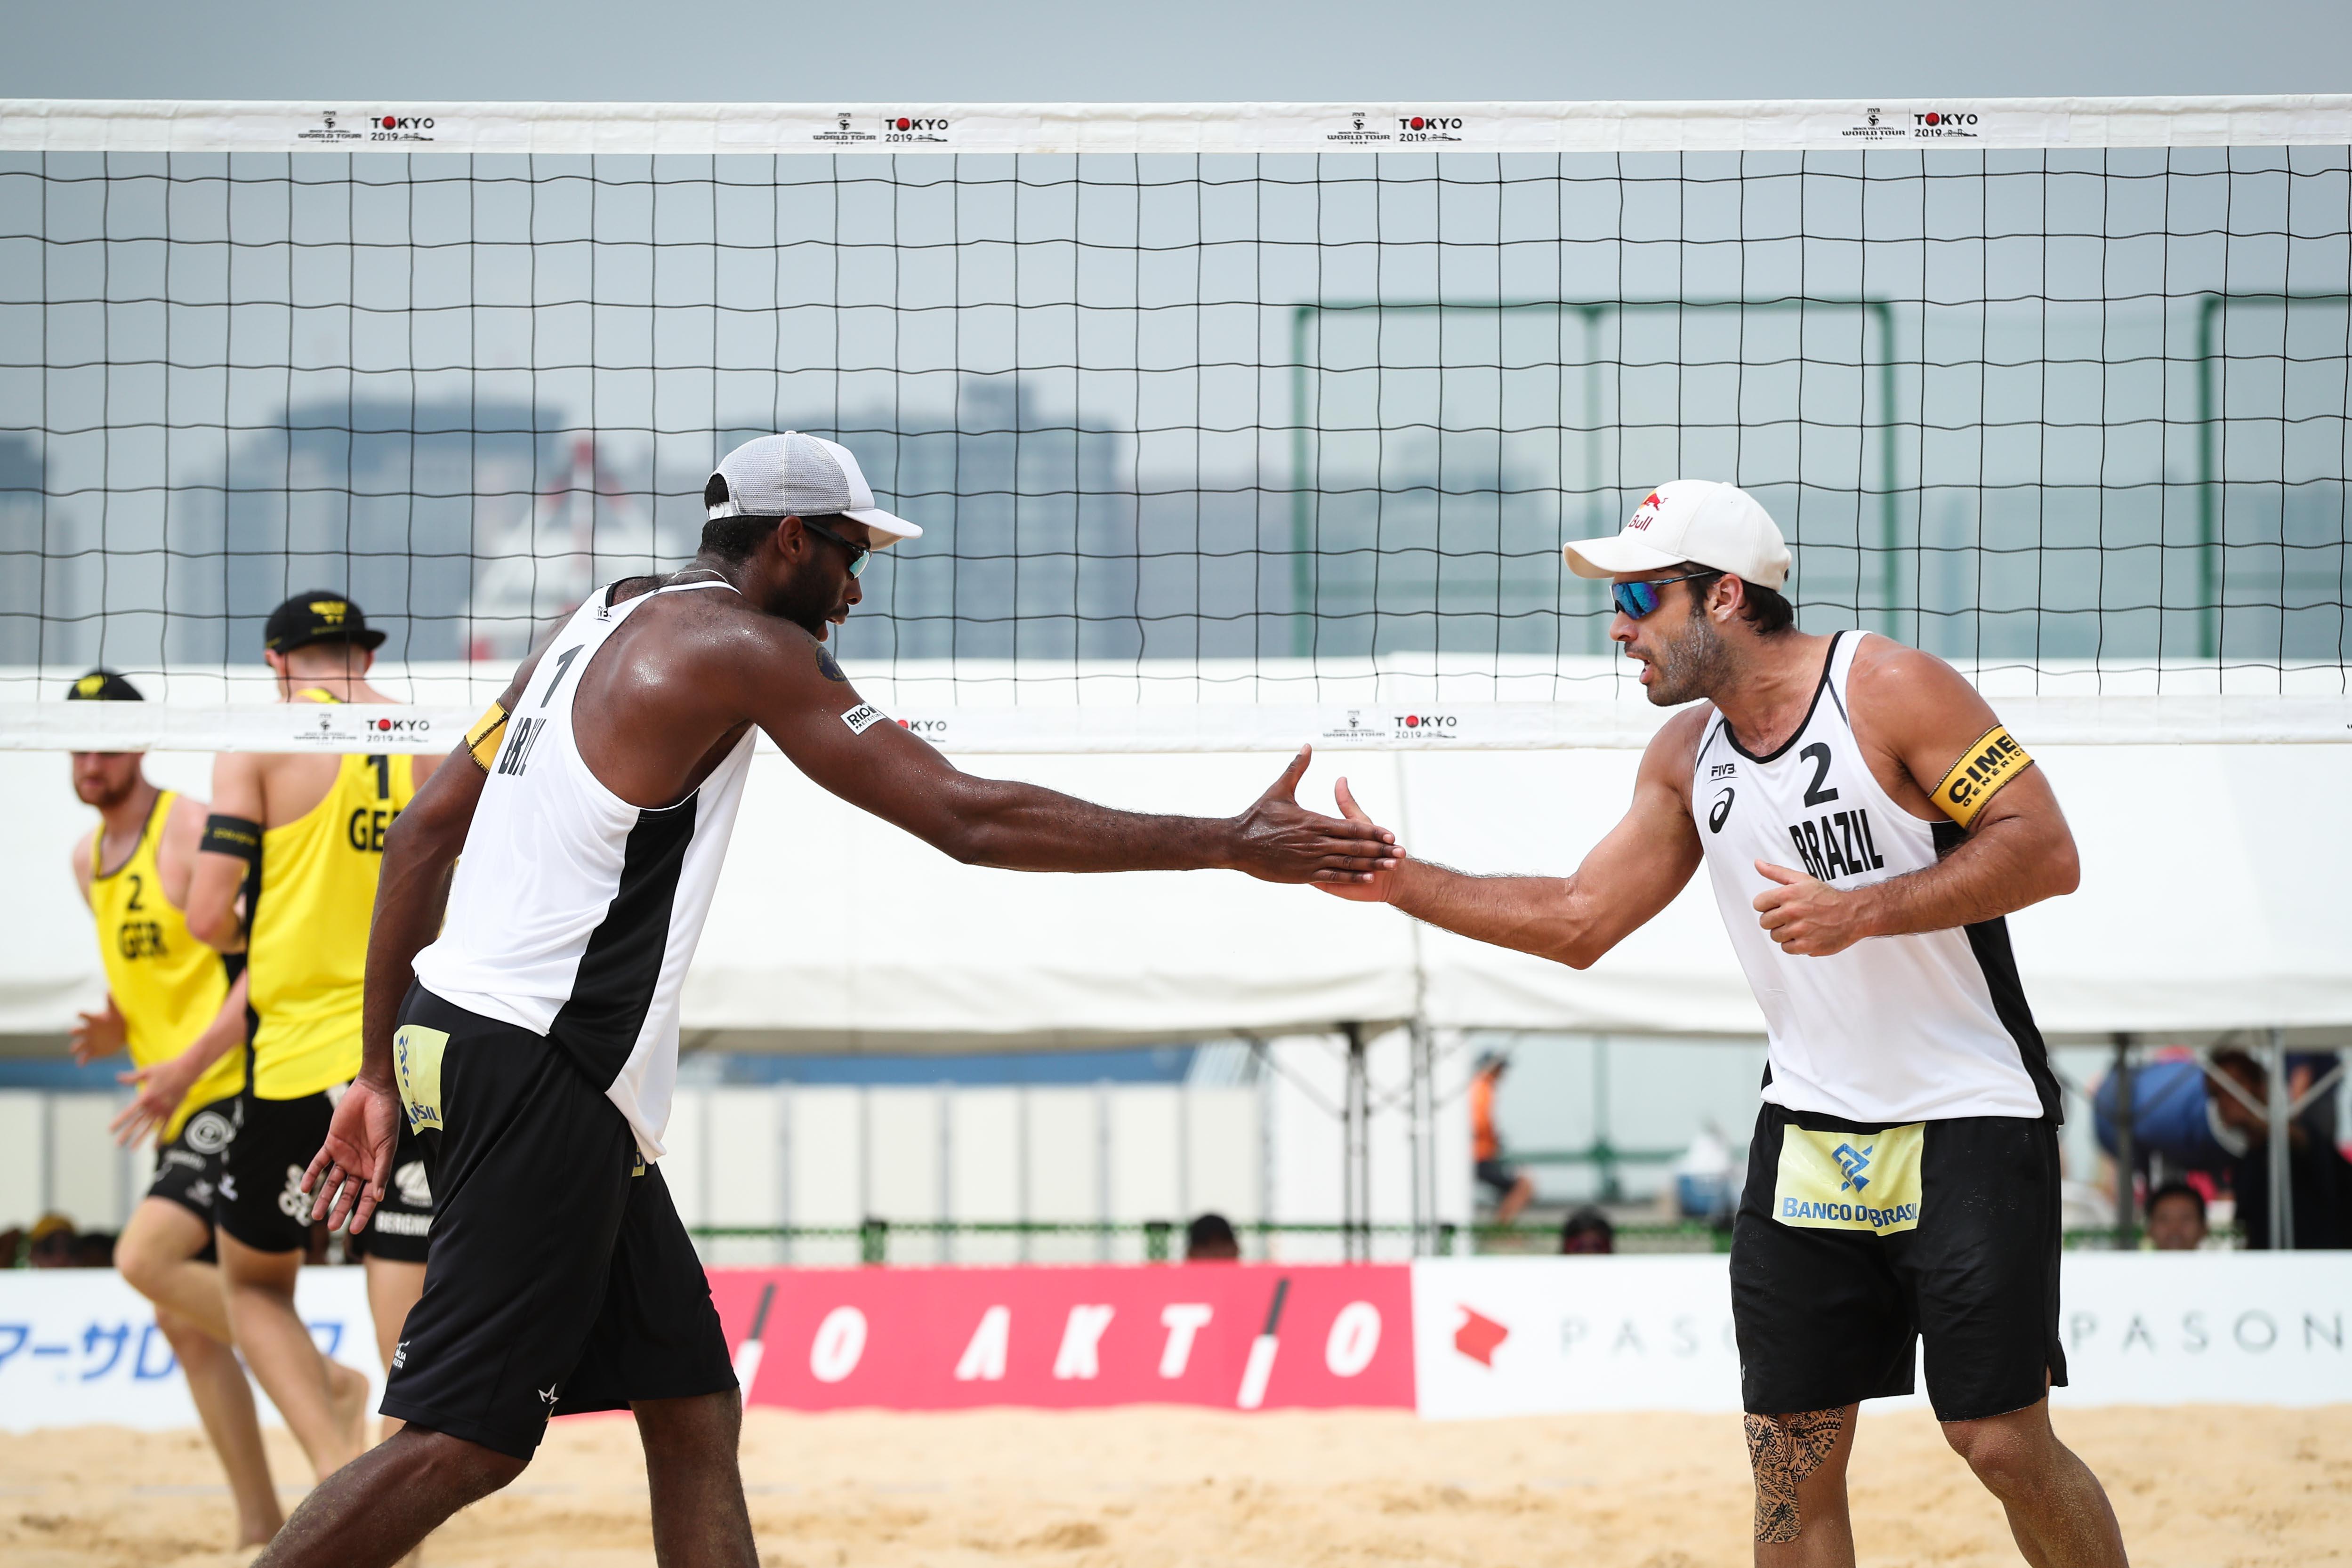 Duplas brasileiras largam com sete vitórias em oito jogos no masculino